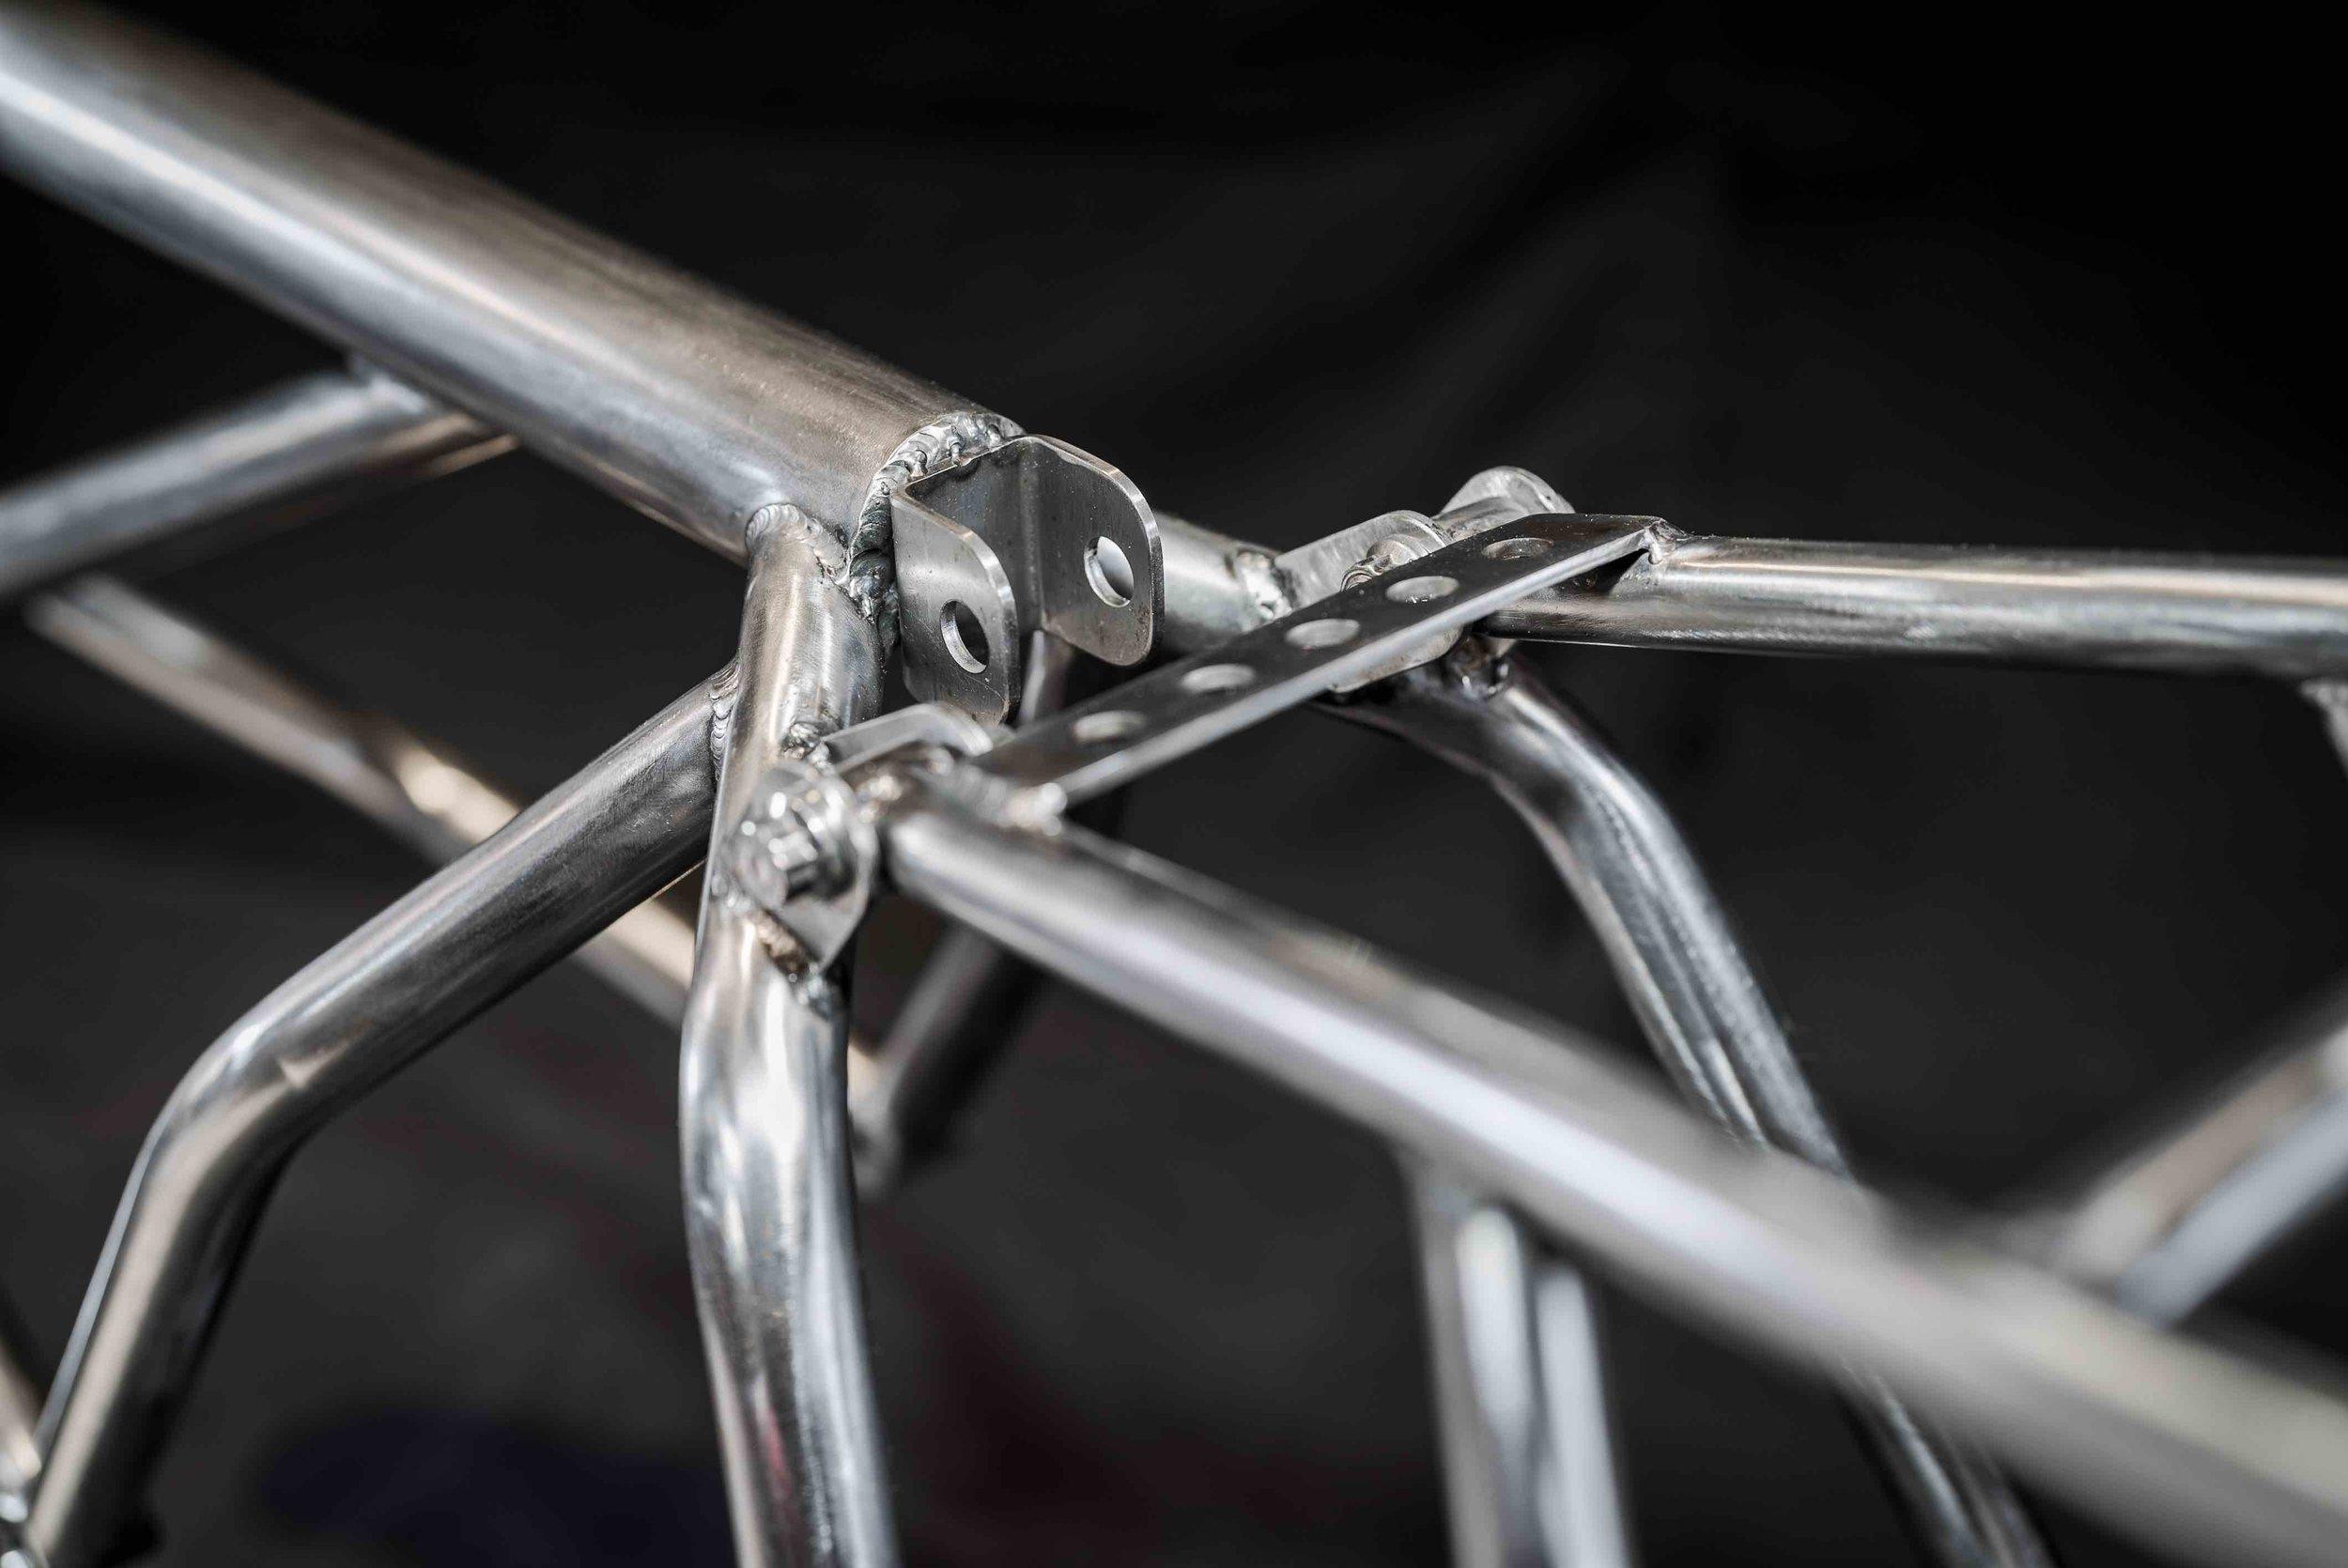 Fuller-Moto-Ducati-Street-Tracker-Frame-2.jpg